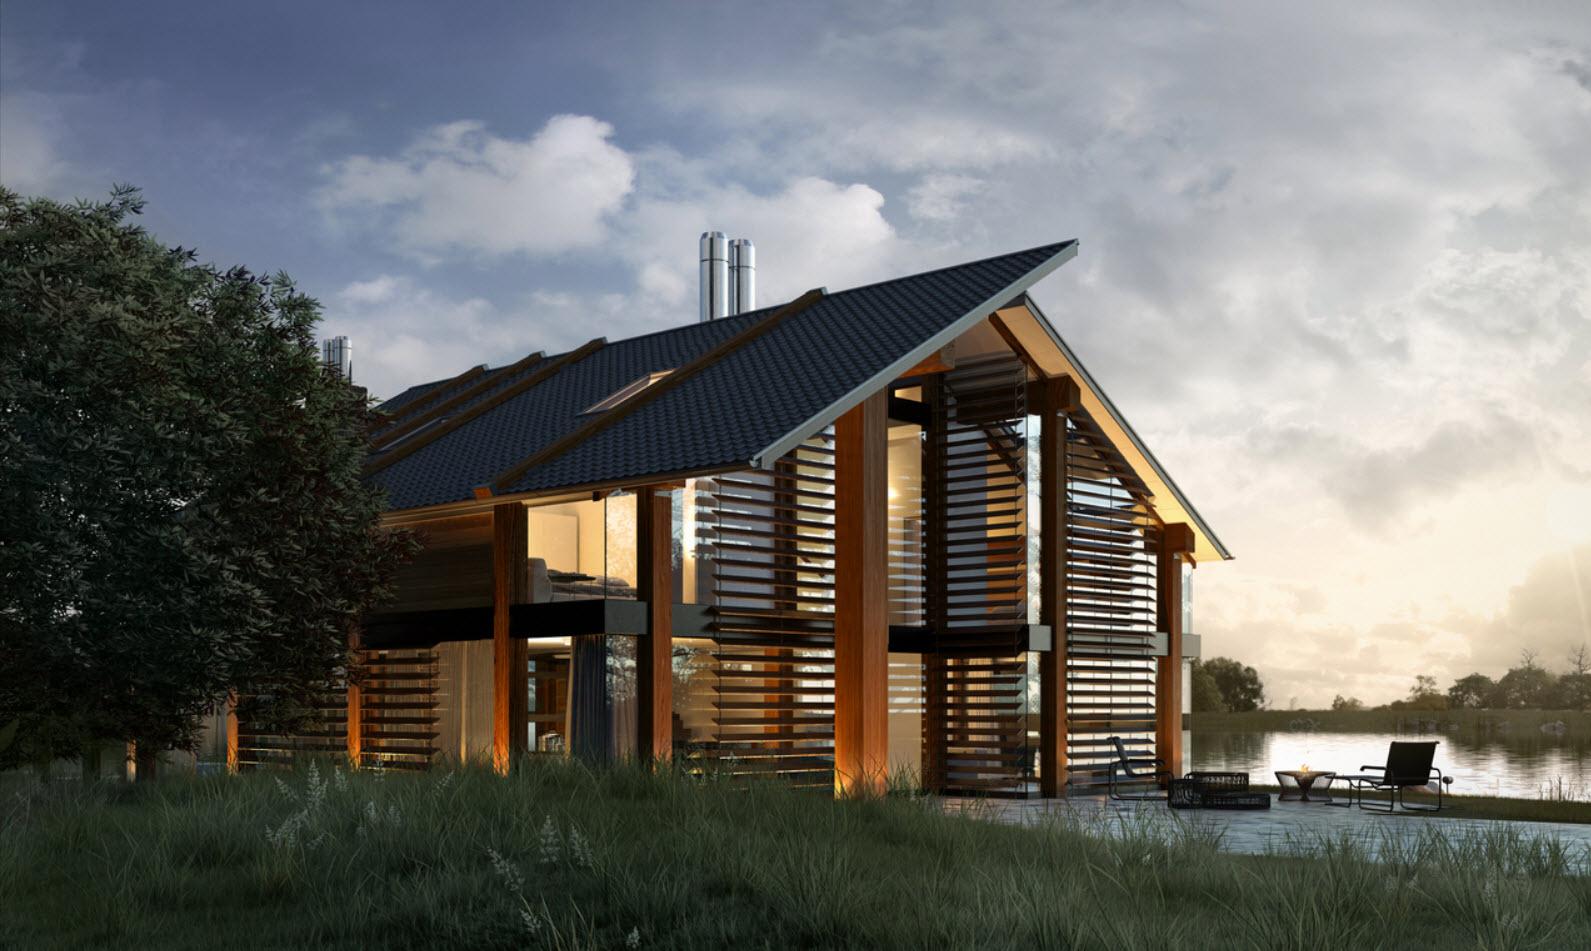 Dise o de casa de madera moderna hermosa fachada for Casas de diseno vintage